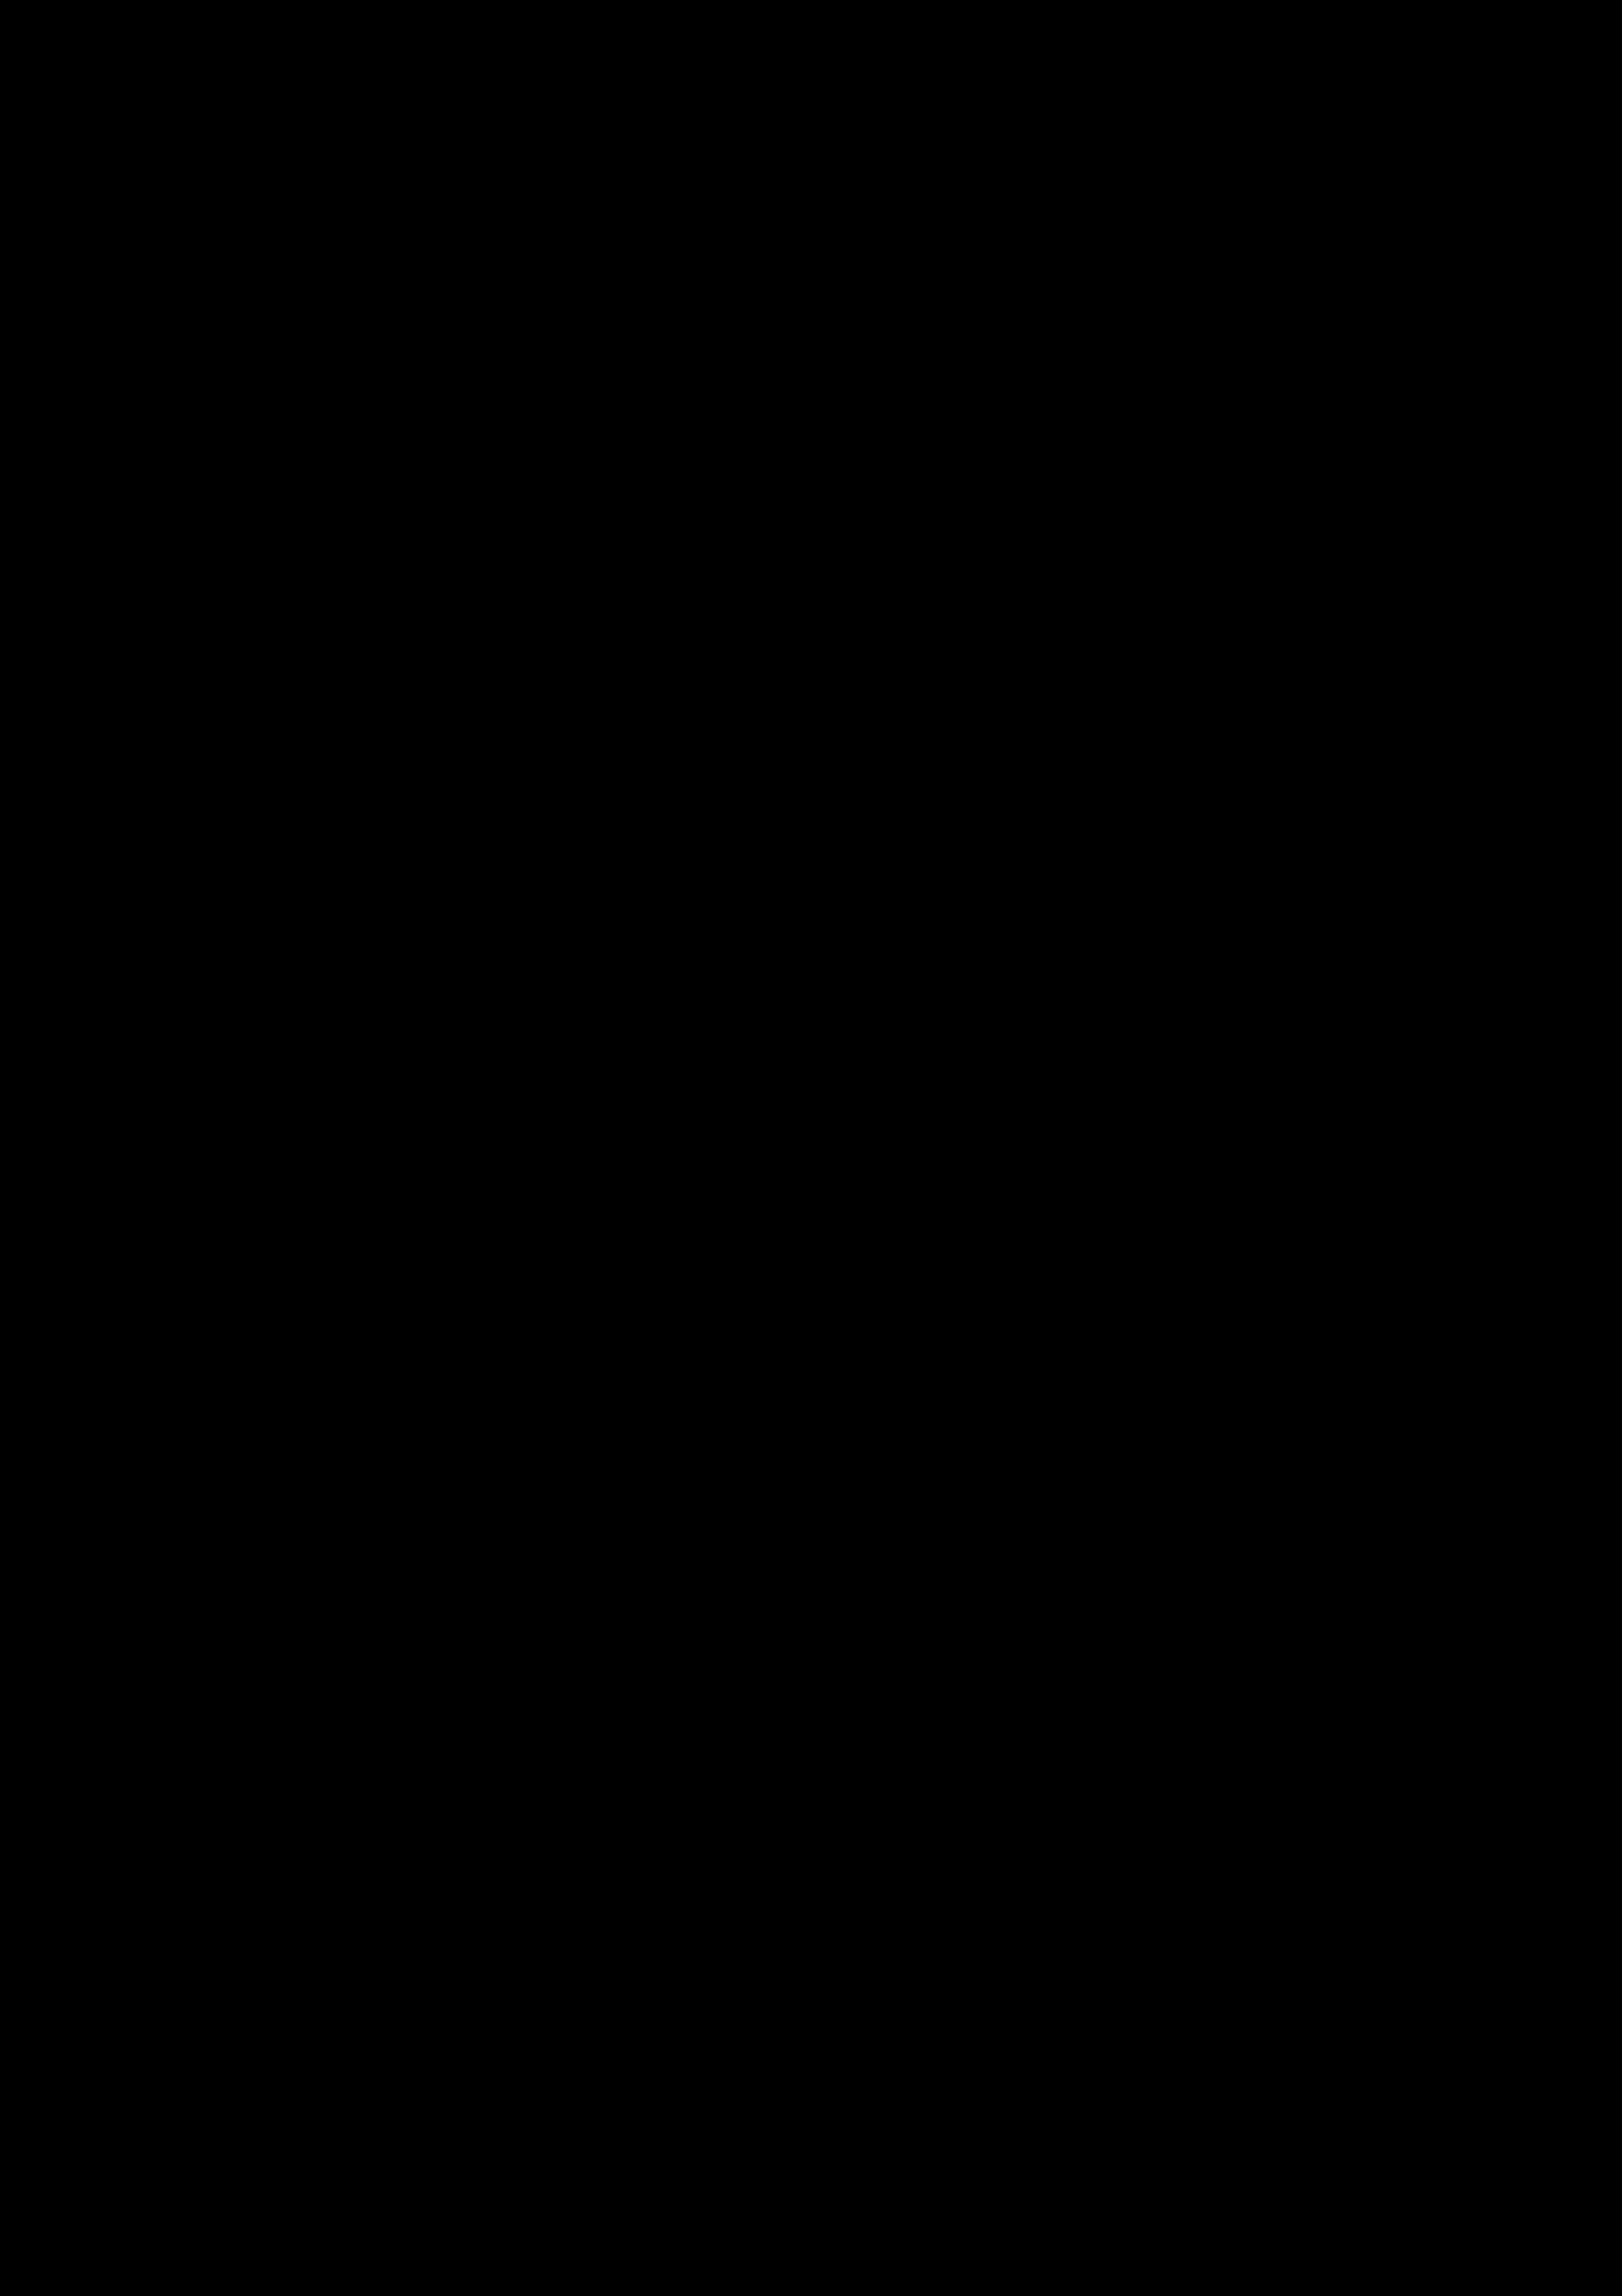 Répartition géographique du suivi des versements sur Joconde / Infographie : Angelina Meslem, SMF